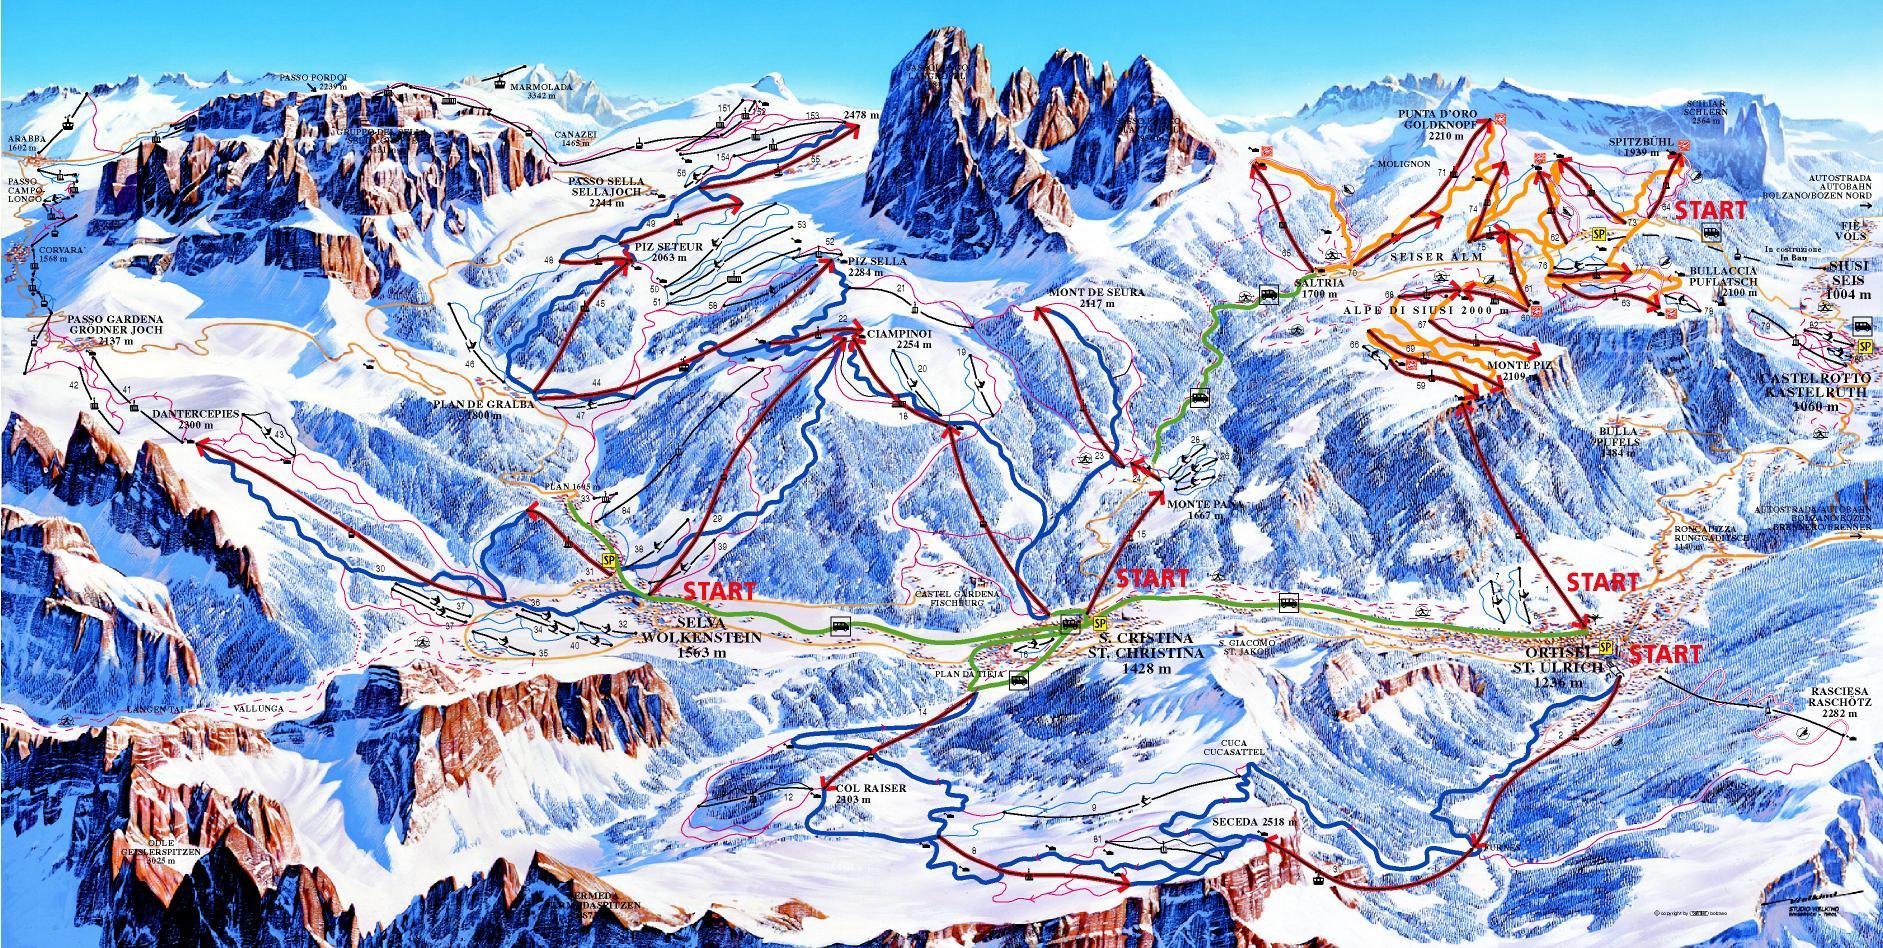 VORSCHAU 2019 - Skitour im Herzen der Dolomiten vom 27.02.-03.03.2019